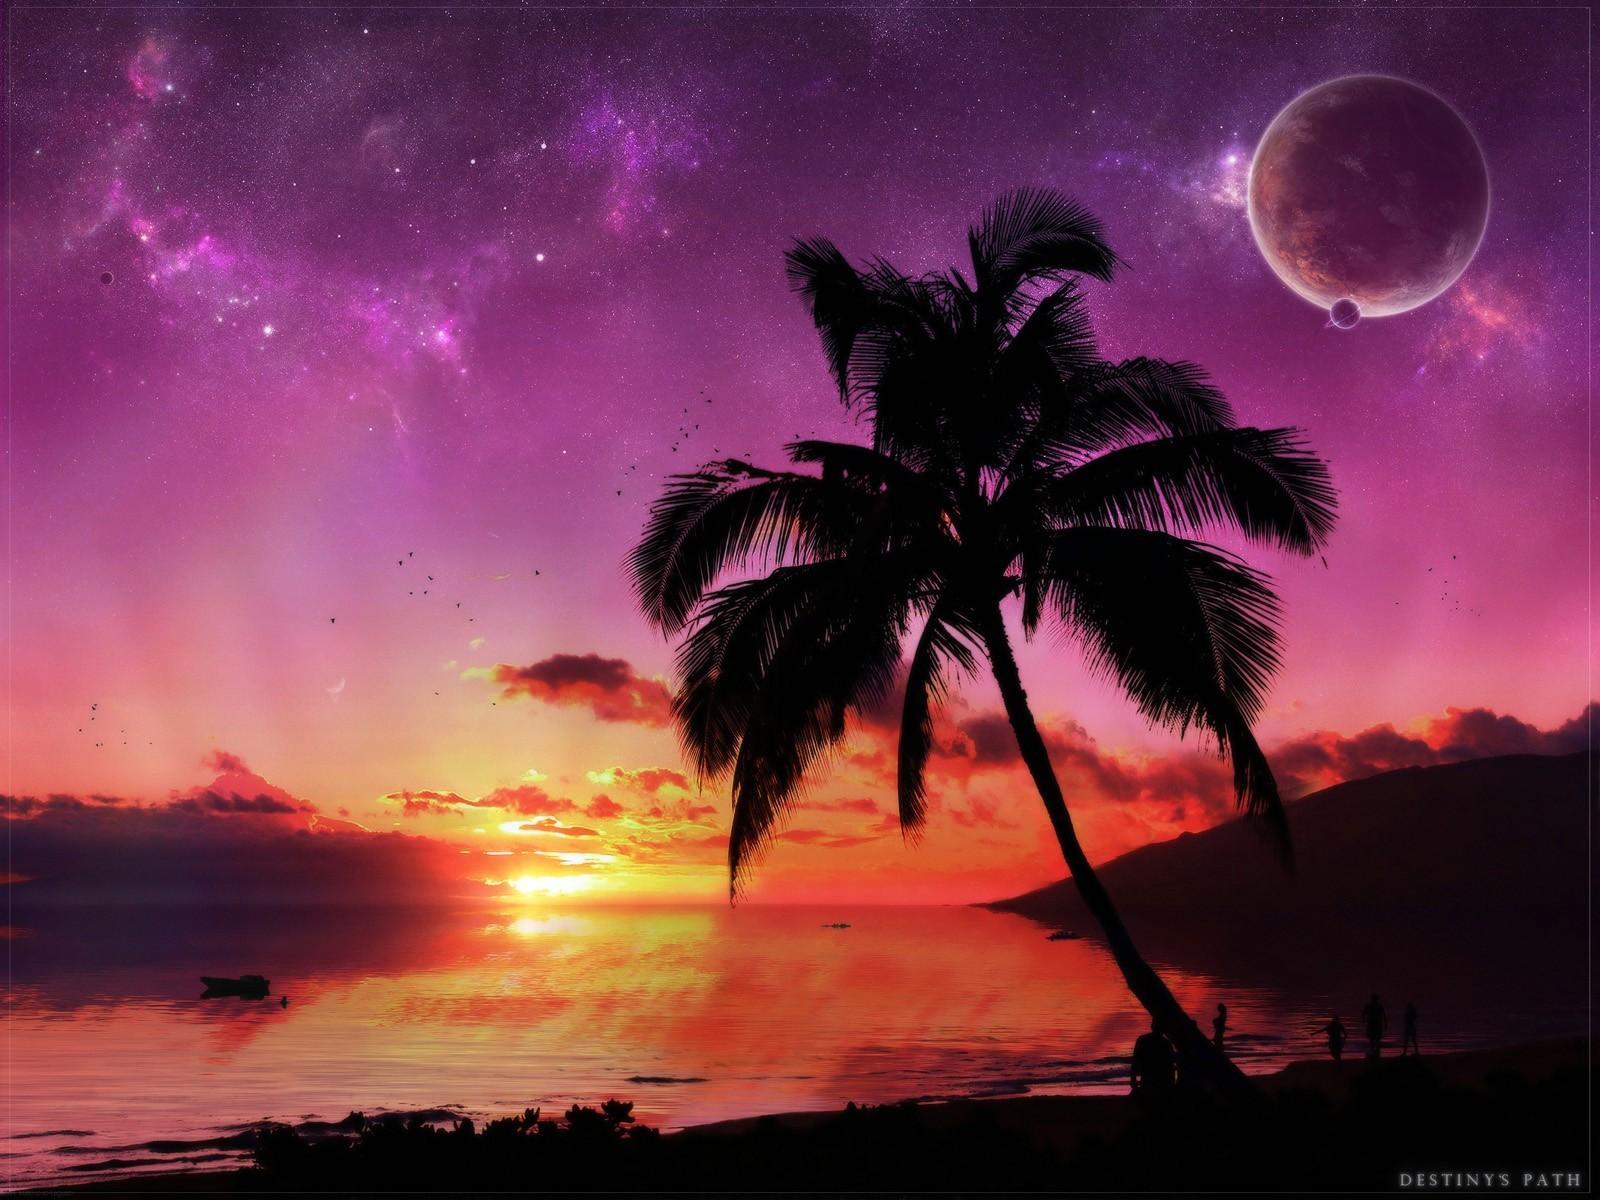 Beautiful sunset beach photo wallpapers